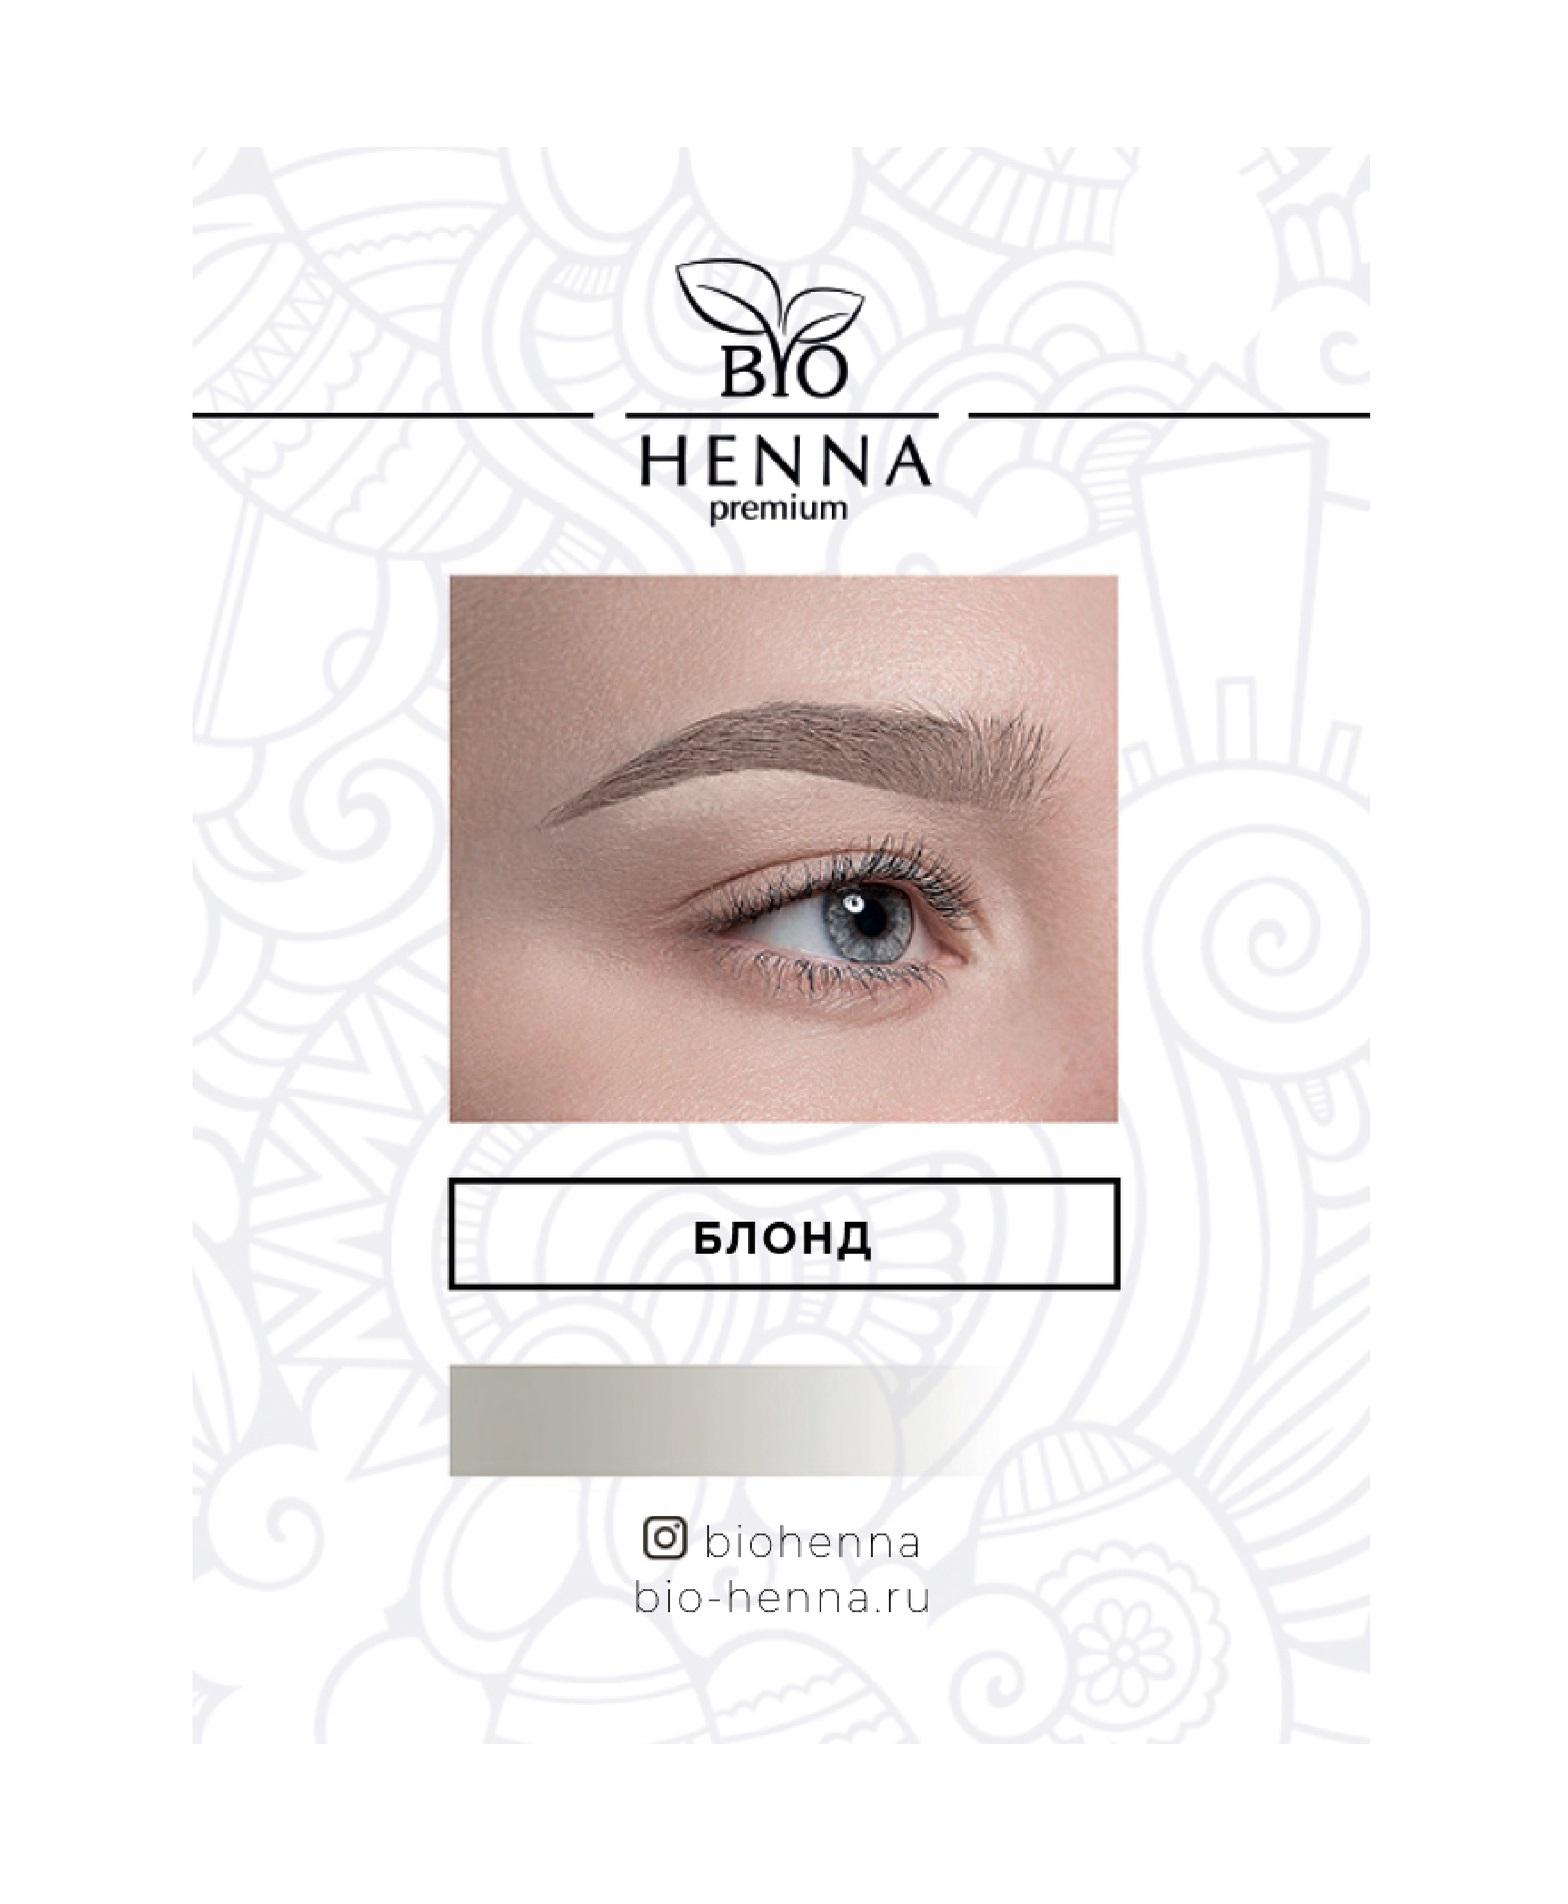 Купить BIO HENNA PREMIUM Хна для бровей в капсулах, блонд 1 шт